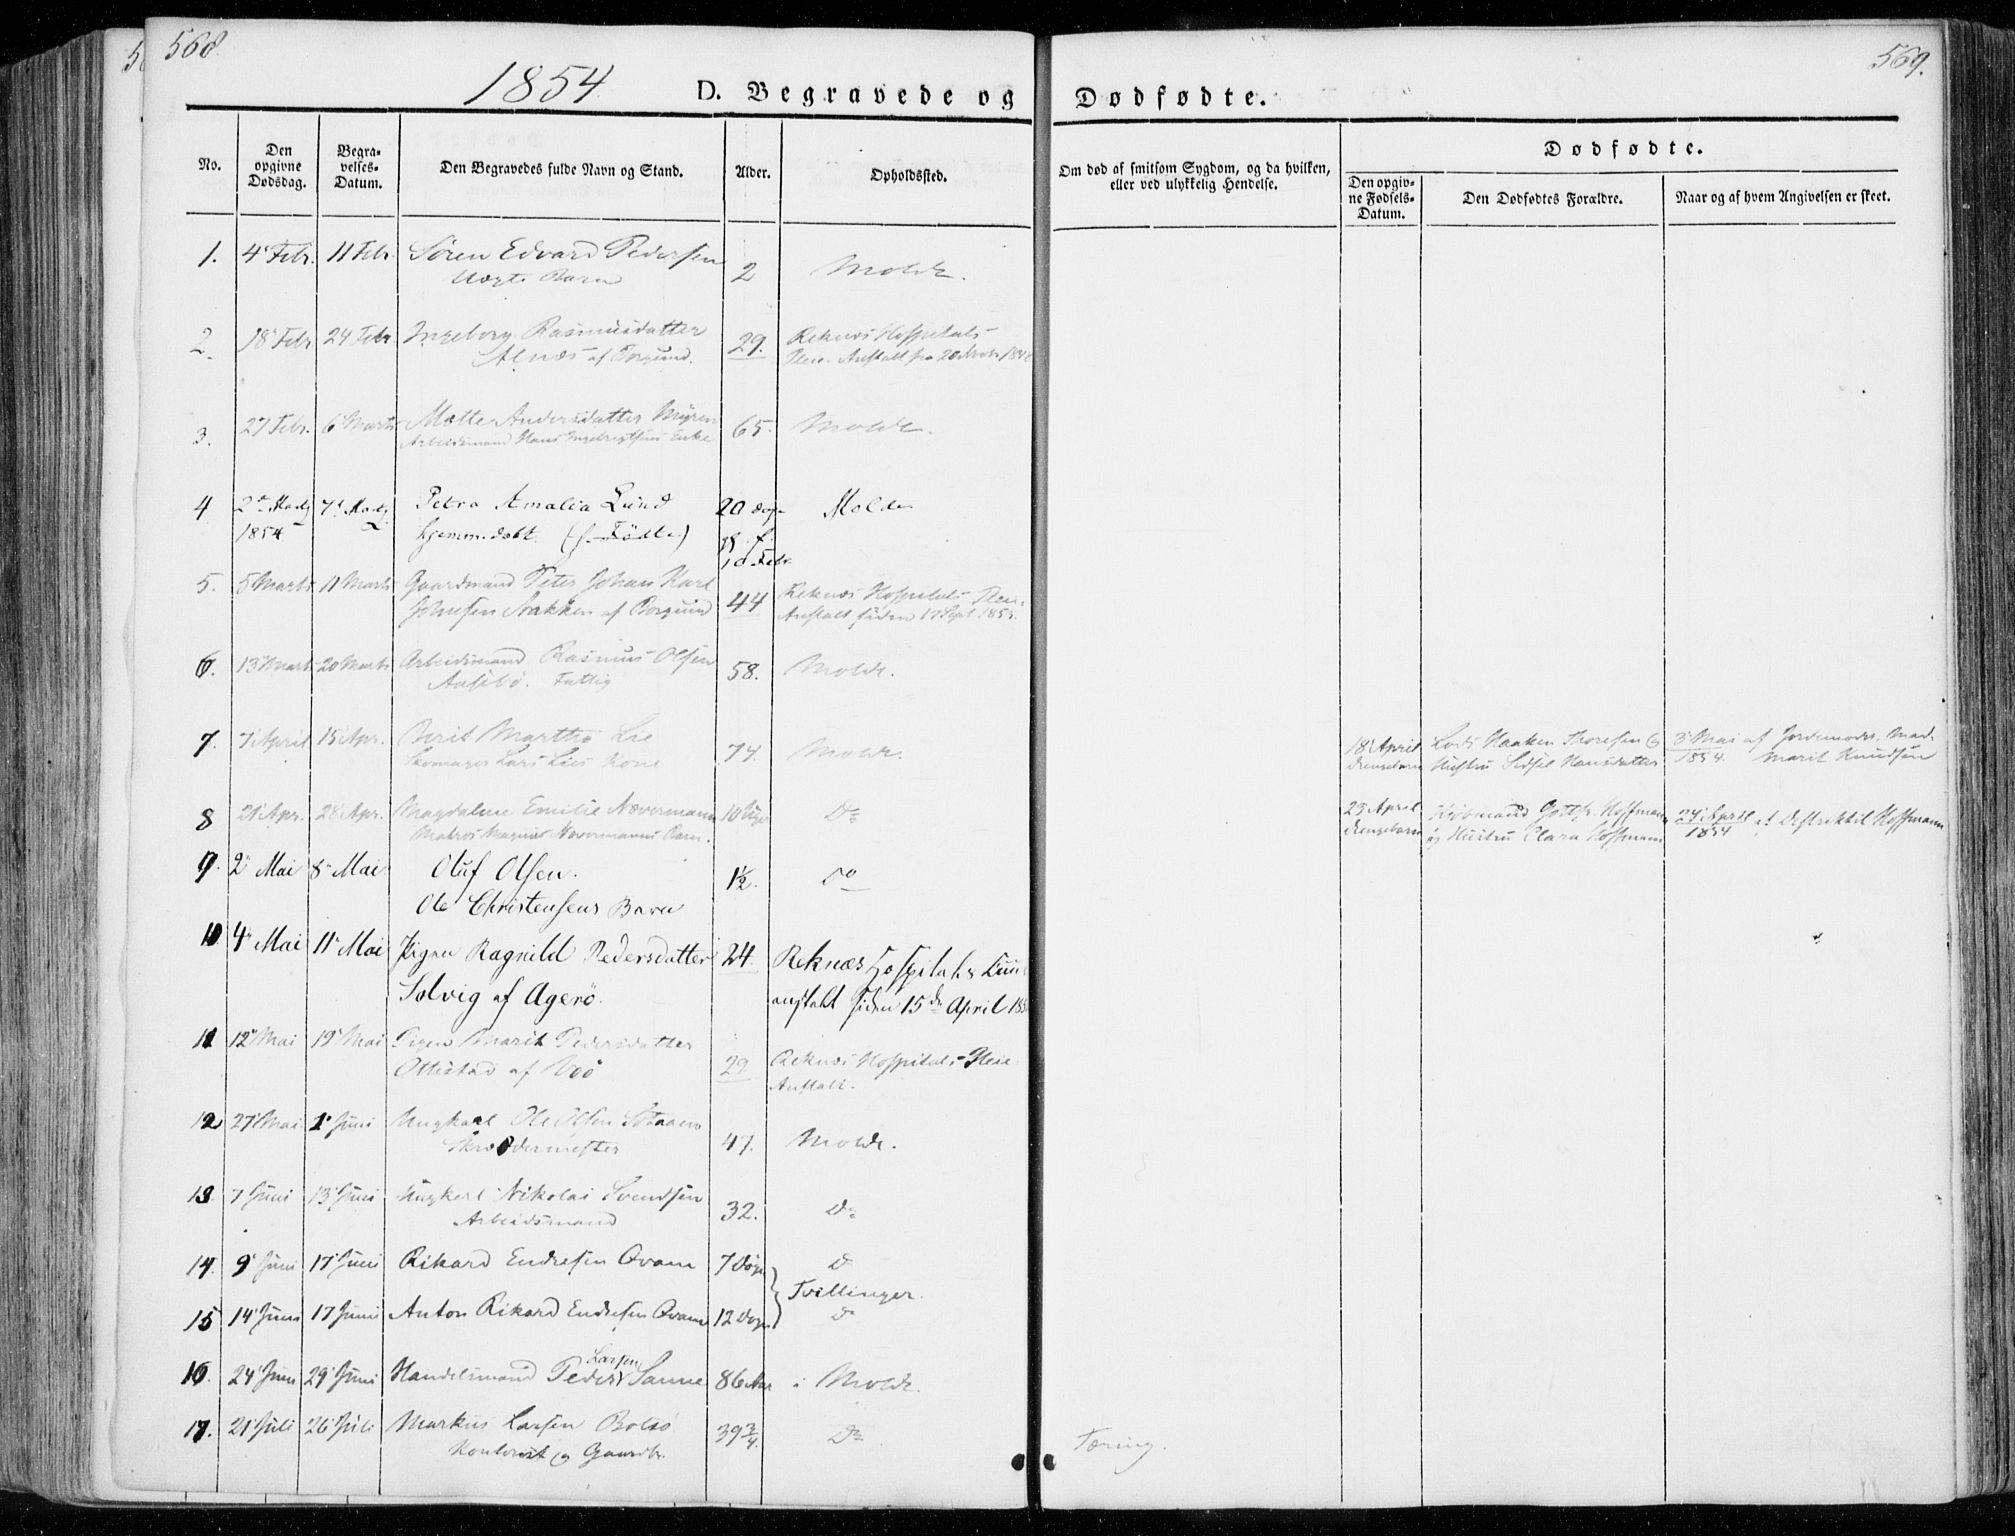 SAT, Ministerialprotokoller, klokkerbøker og fødselsregistre - Møre og Romsdal, 558/L0689: Ministerialbok nr. 558A03, 1843-1872, s. 568-569